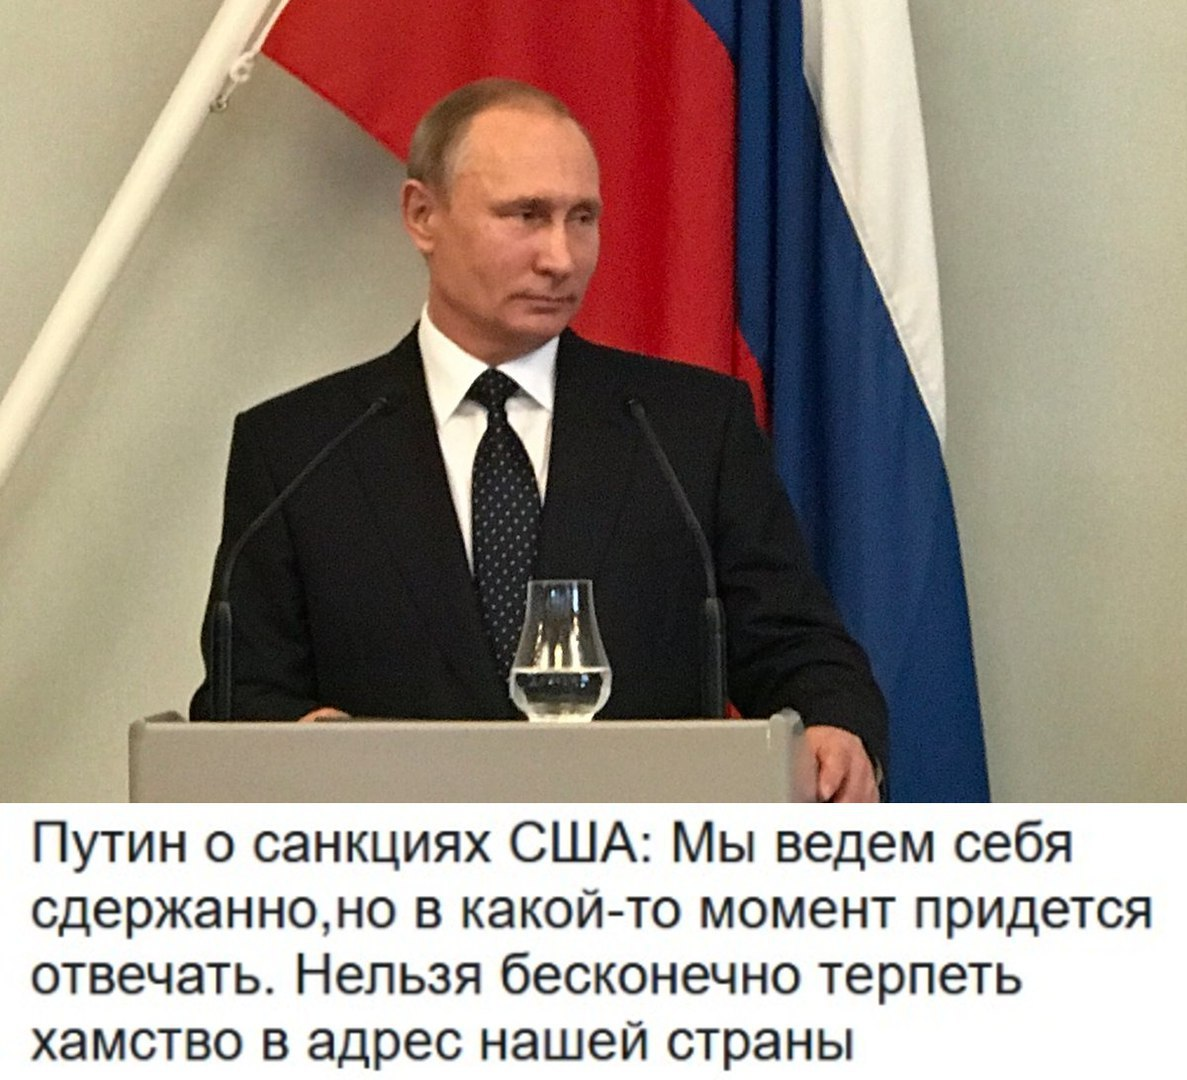 СМИ: ответ Москвы на антироссийские санкции будет жестким